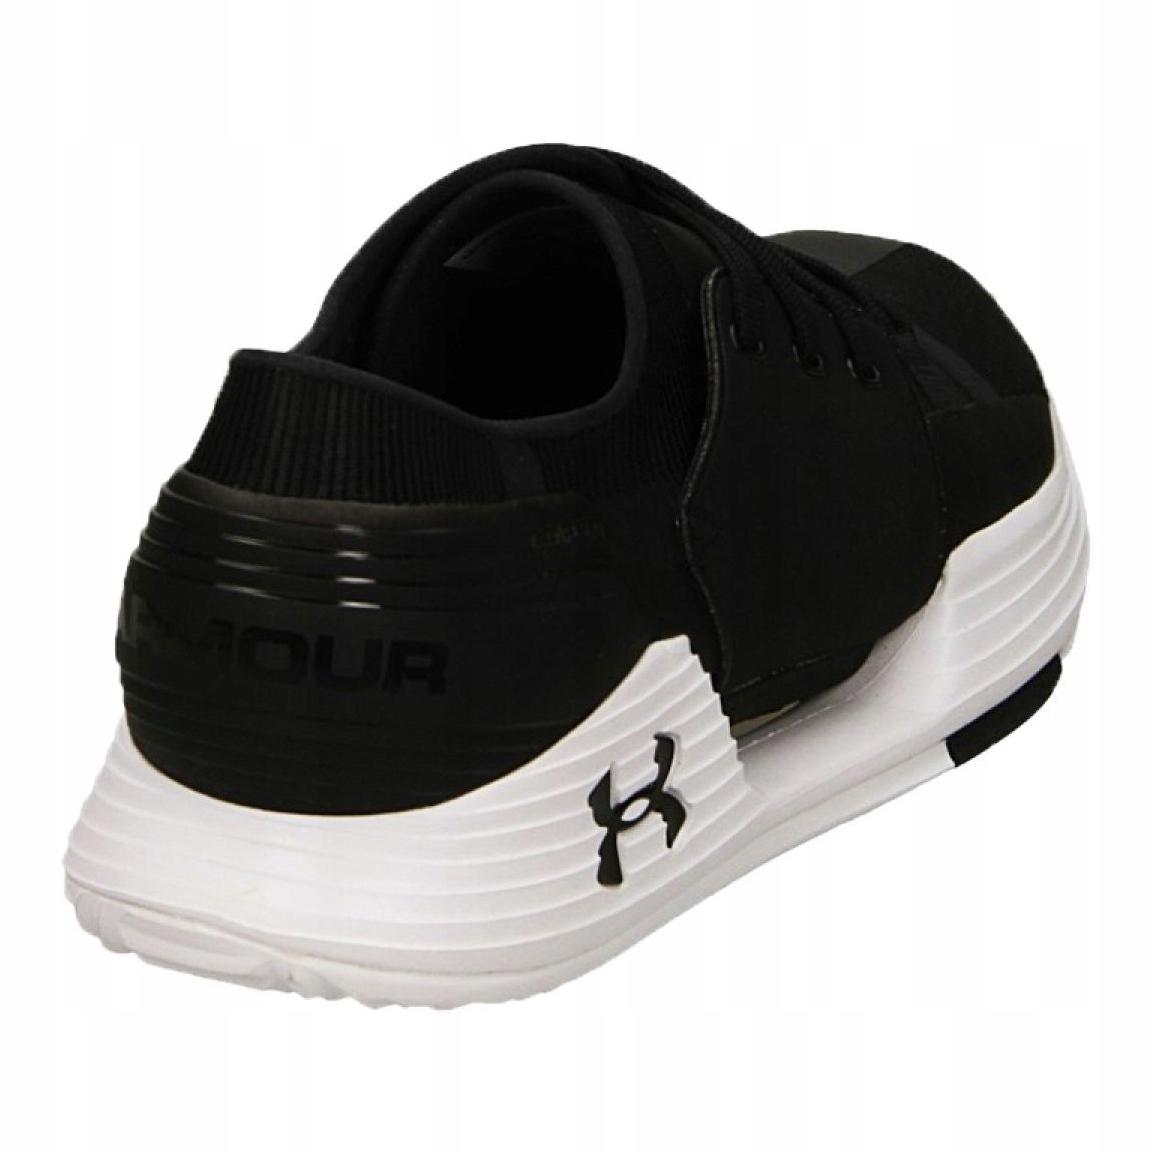 Under Armour Speedform Amp 2.0 Homme Formation Chaussures-Noir